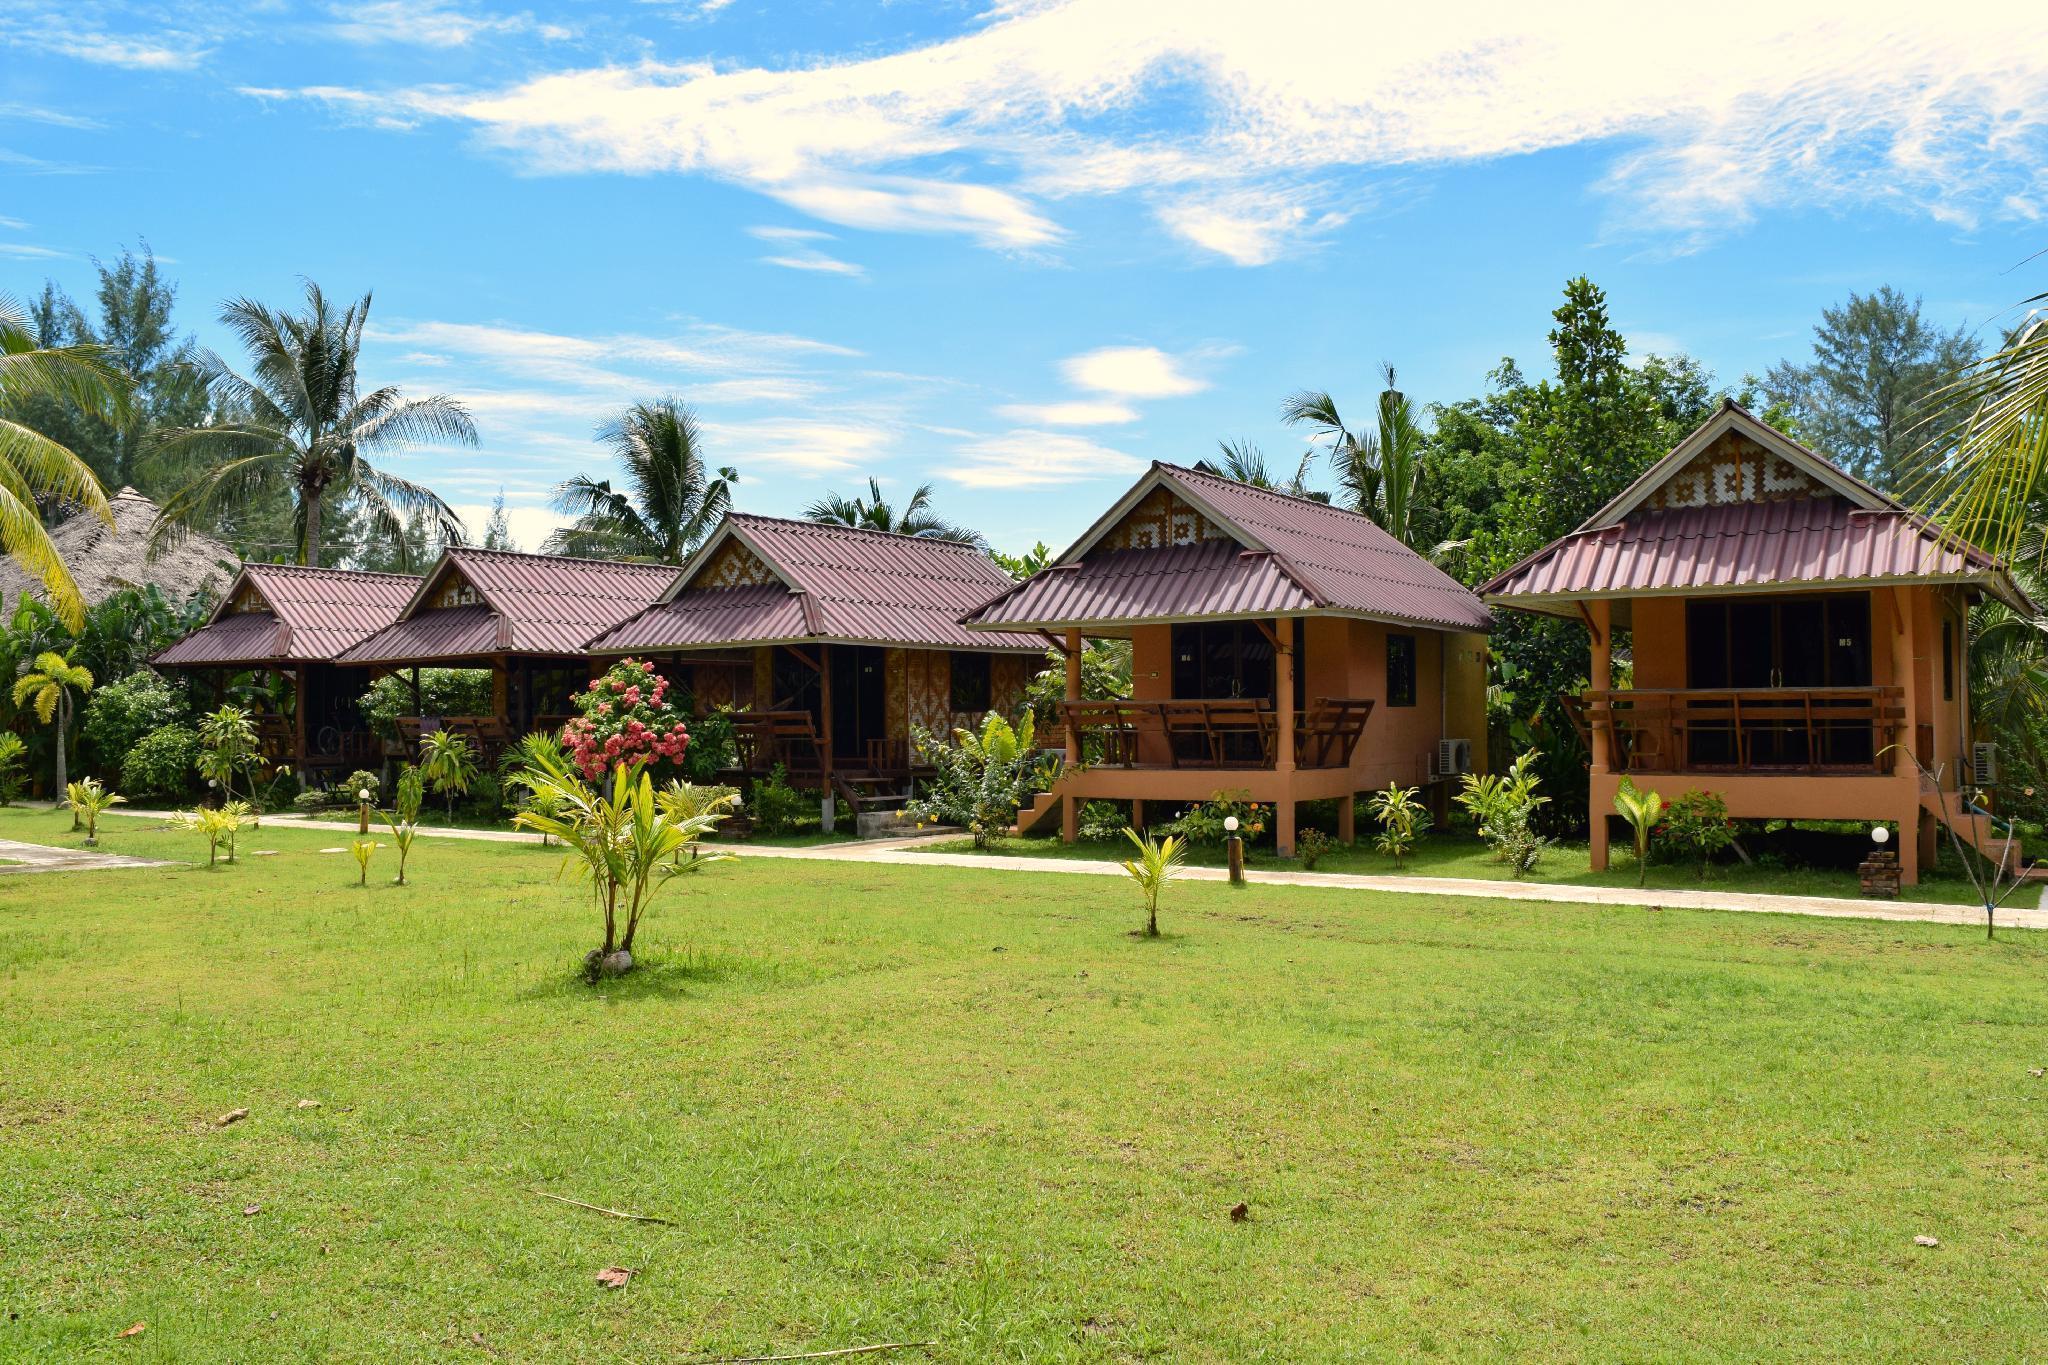 Lanta Pearl Beach Resort ลันตา เพิร์ลบีช รีสอร์ท